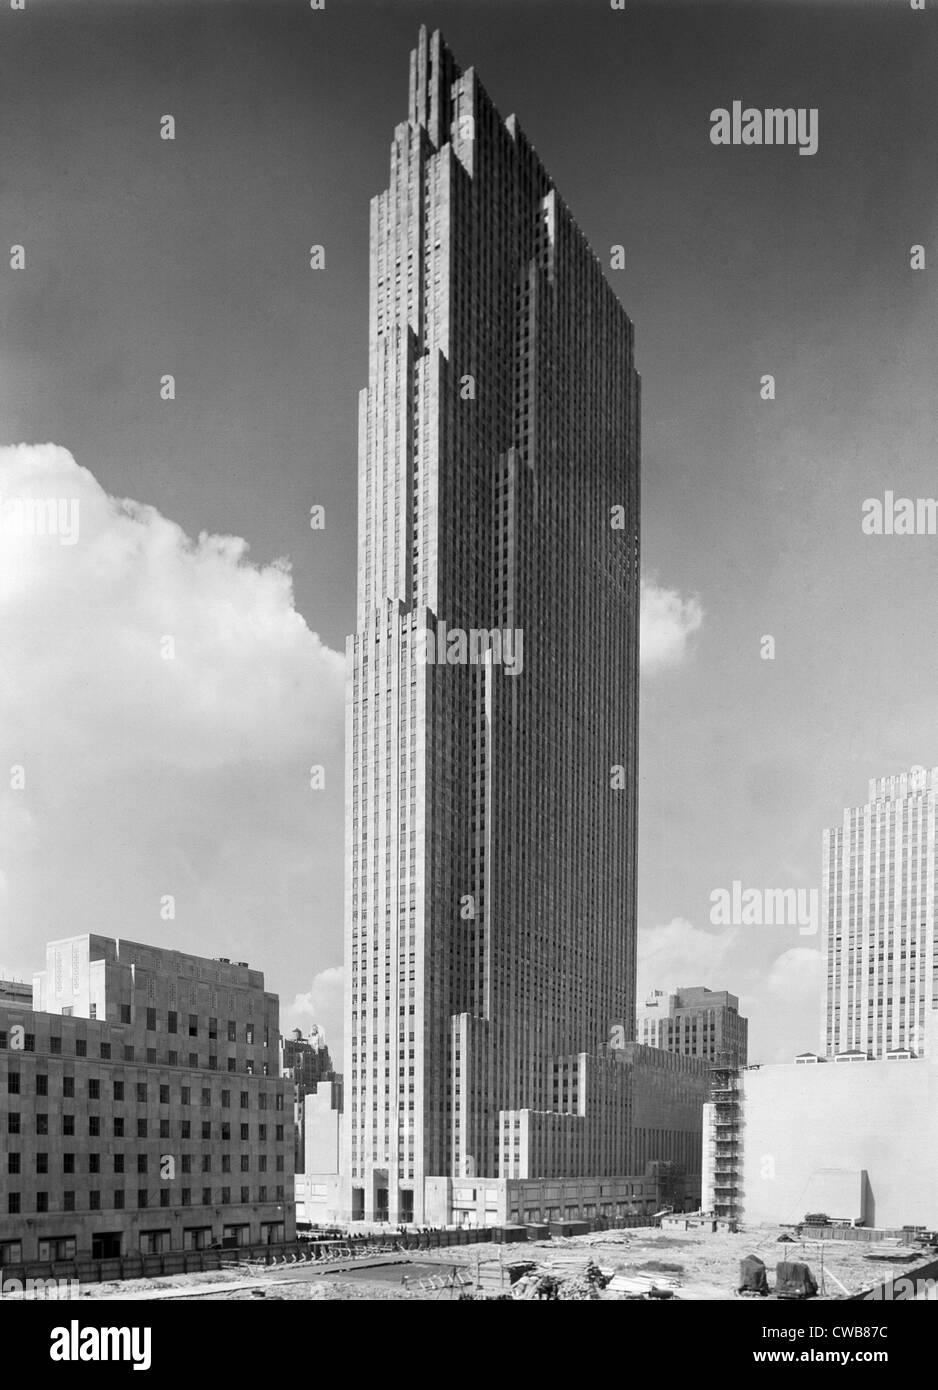 La Ciudad de Nueva York, el Rockefeller Center y el edificio RCA. fotografía por Samuel H. Gottscho, 1933. Imagen De Stock